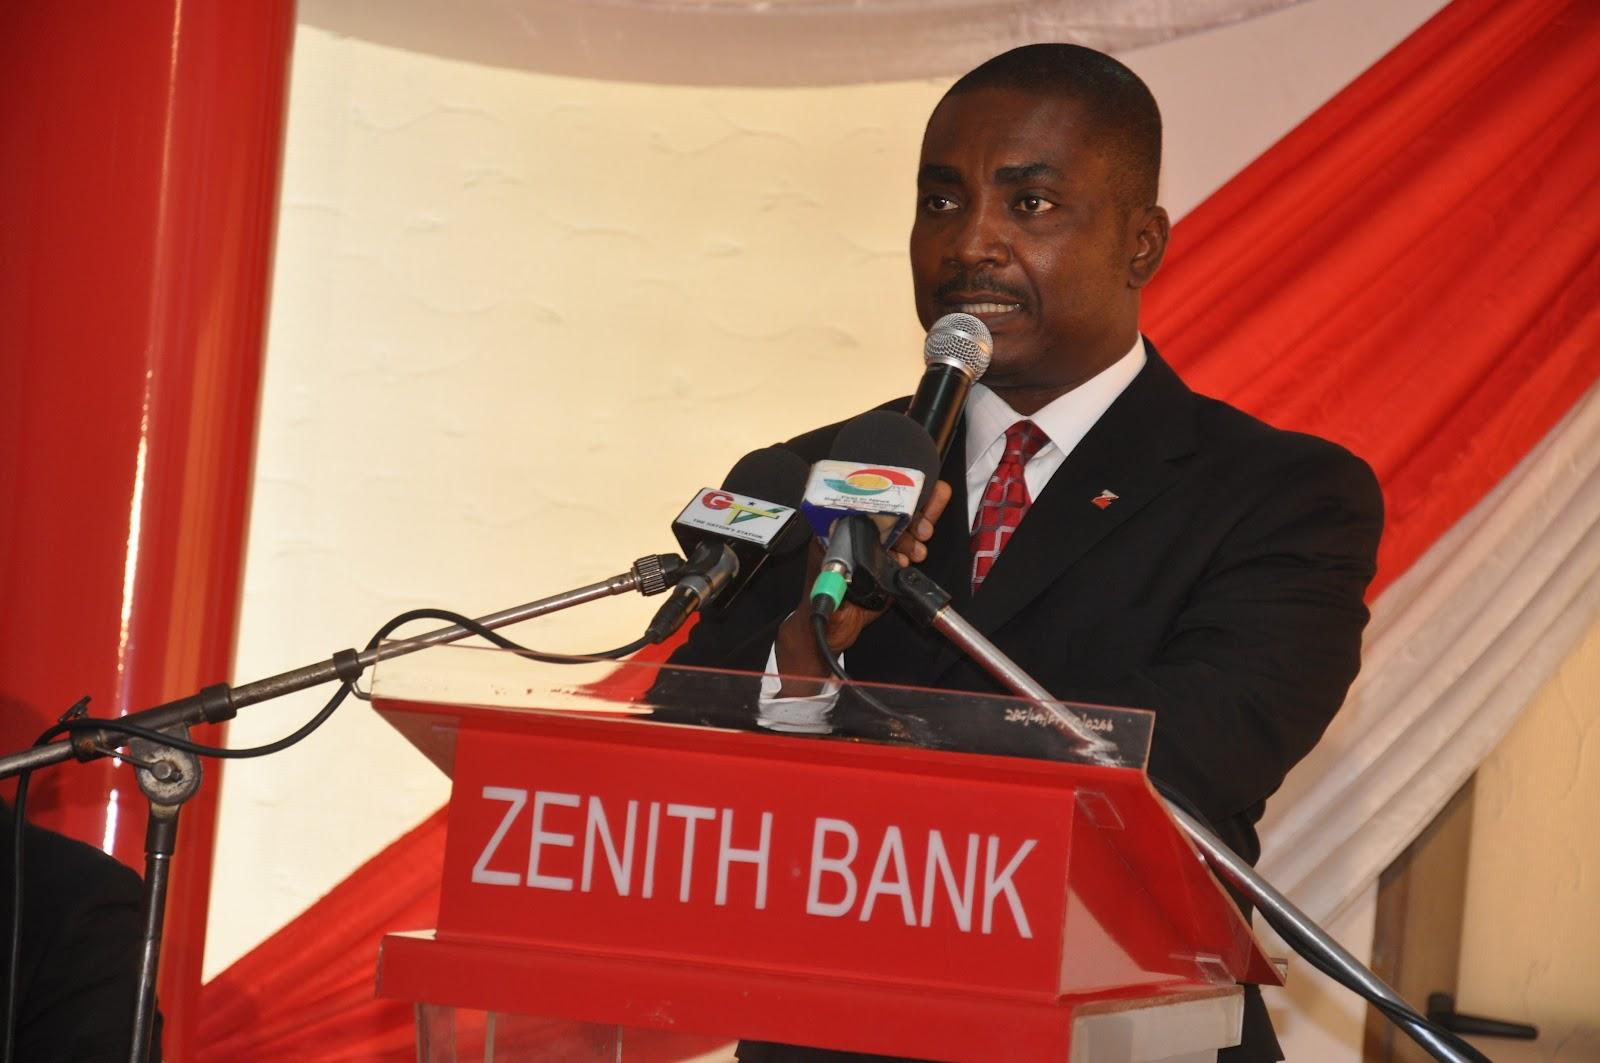 Zenith Bank In Ghana Africa 91